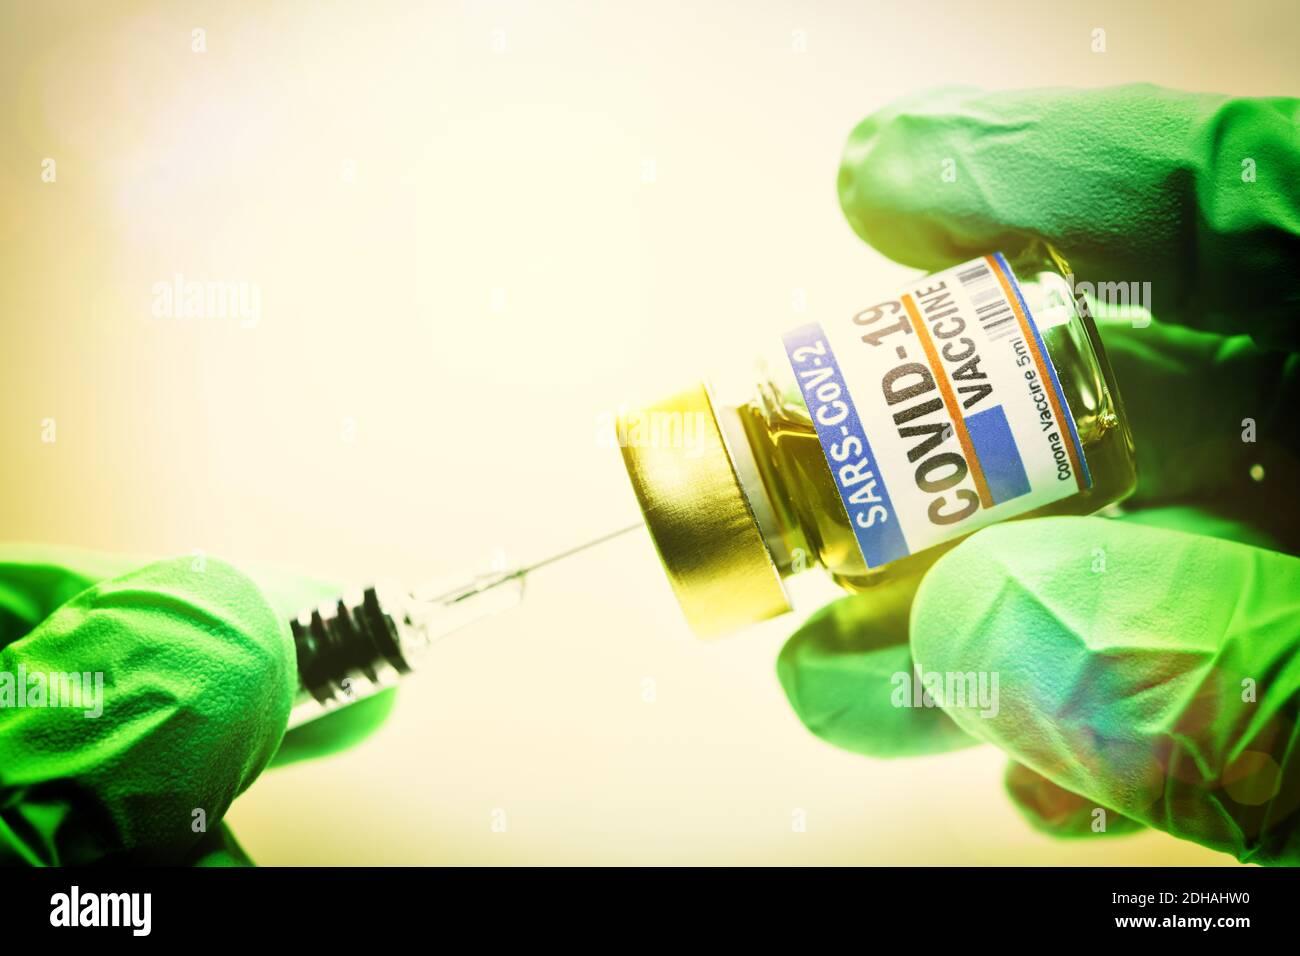 Hände in Schutzhandschuhen halten Injektionsfläschchen mit Corona-Impfstoff und Impfspritze, Symbolfoto Corona-Impfmittel Foto de stock